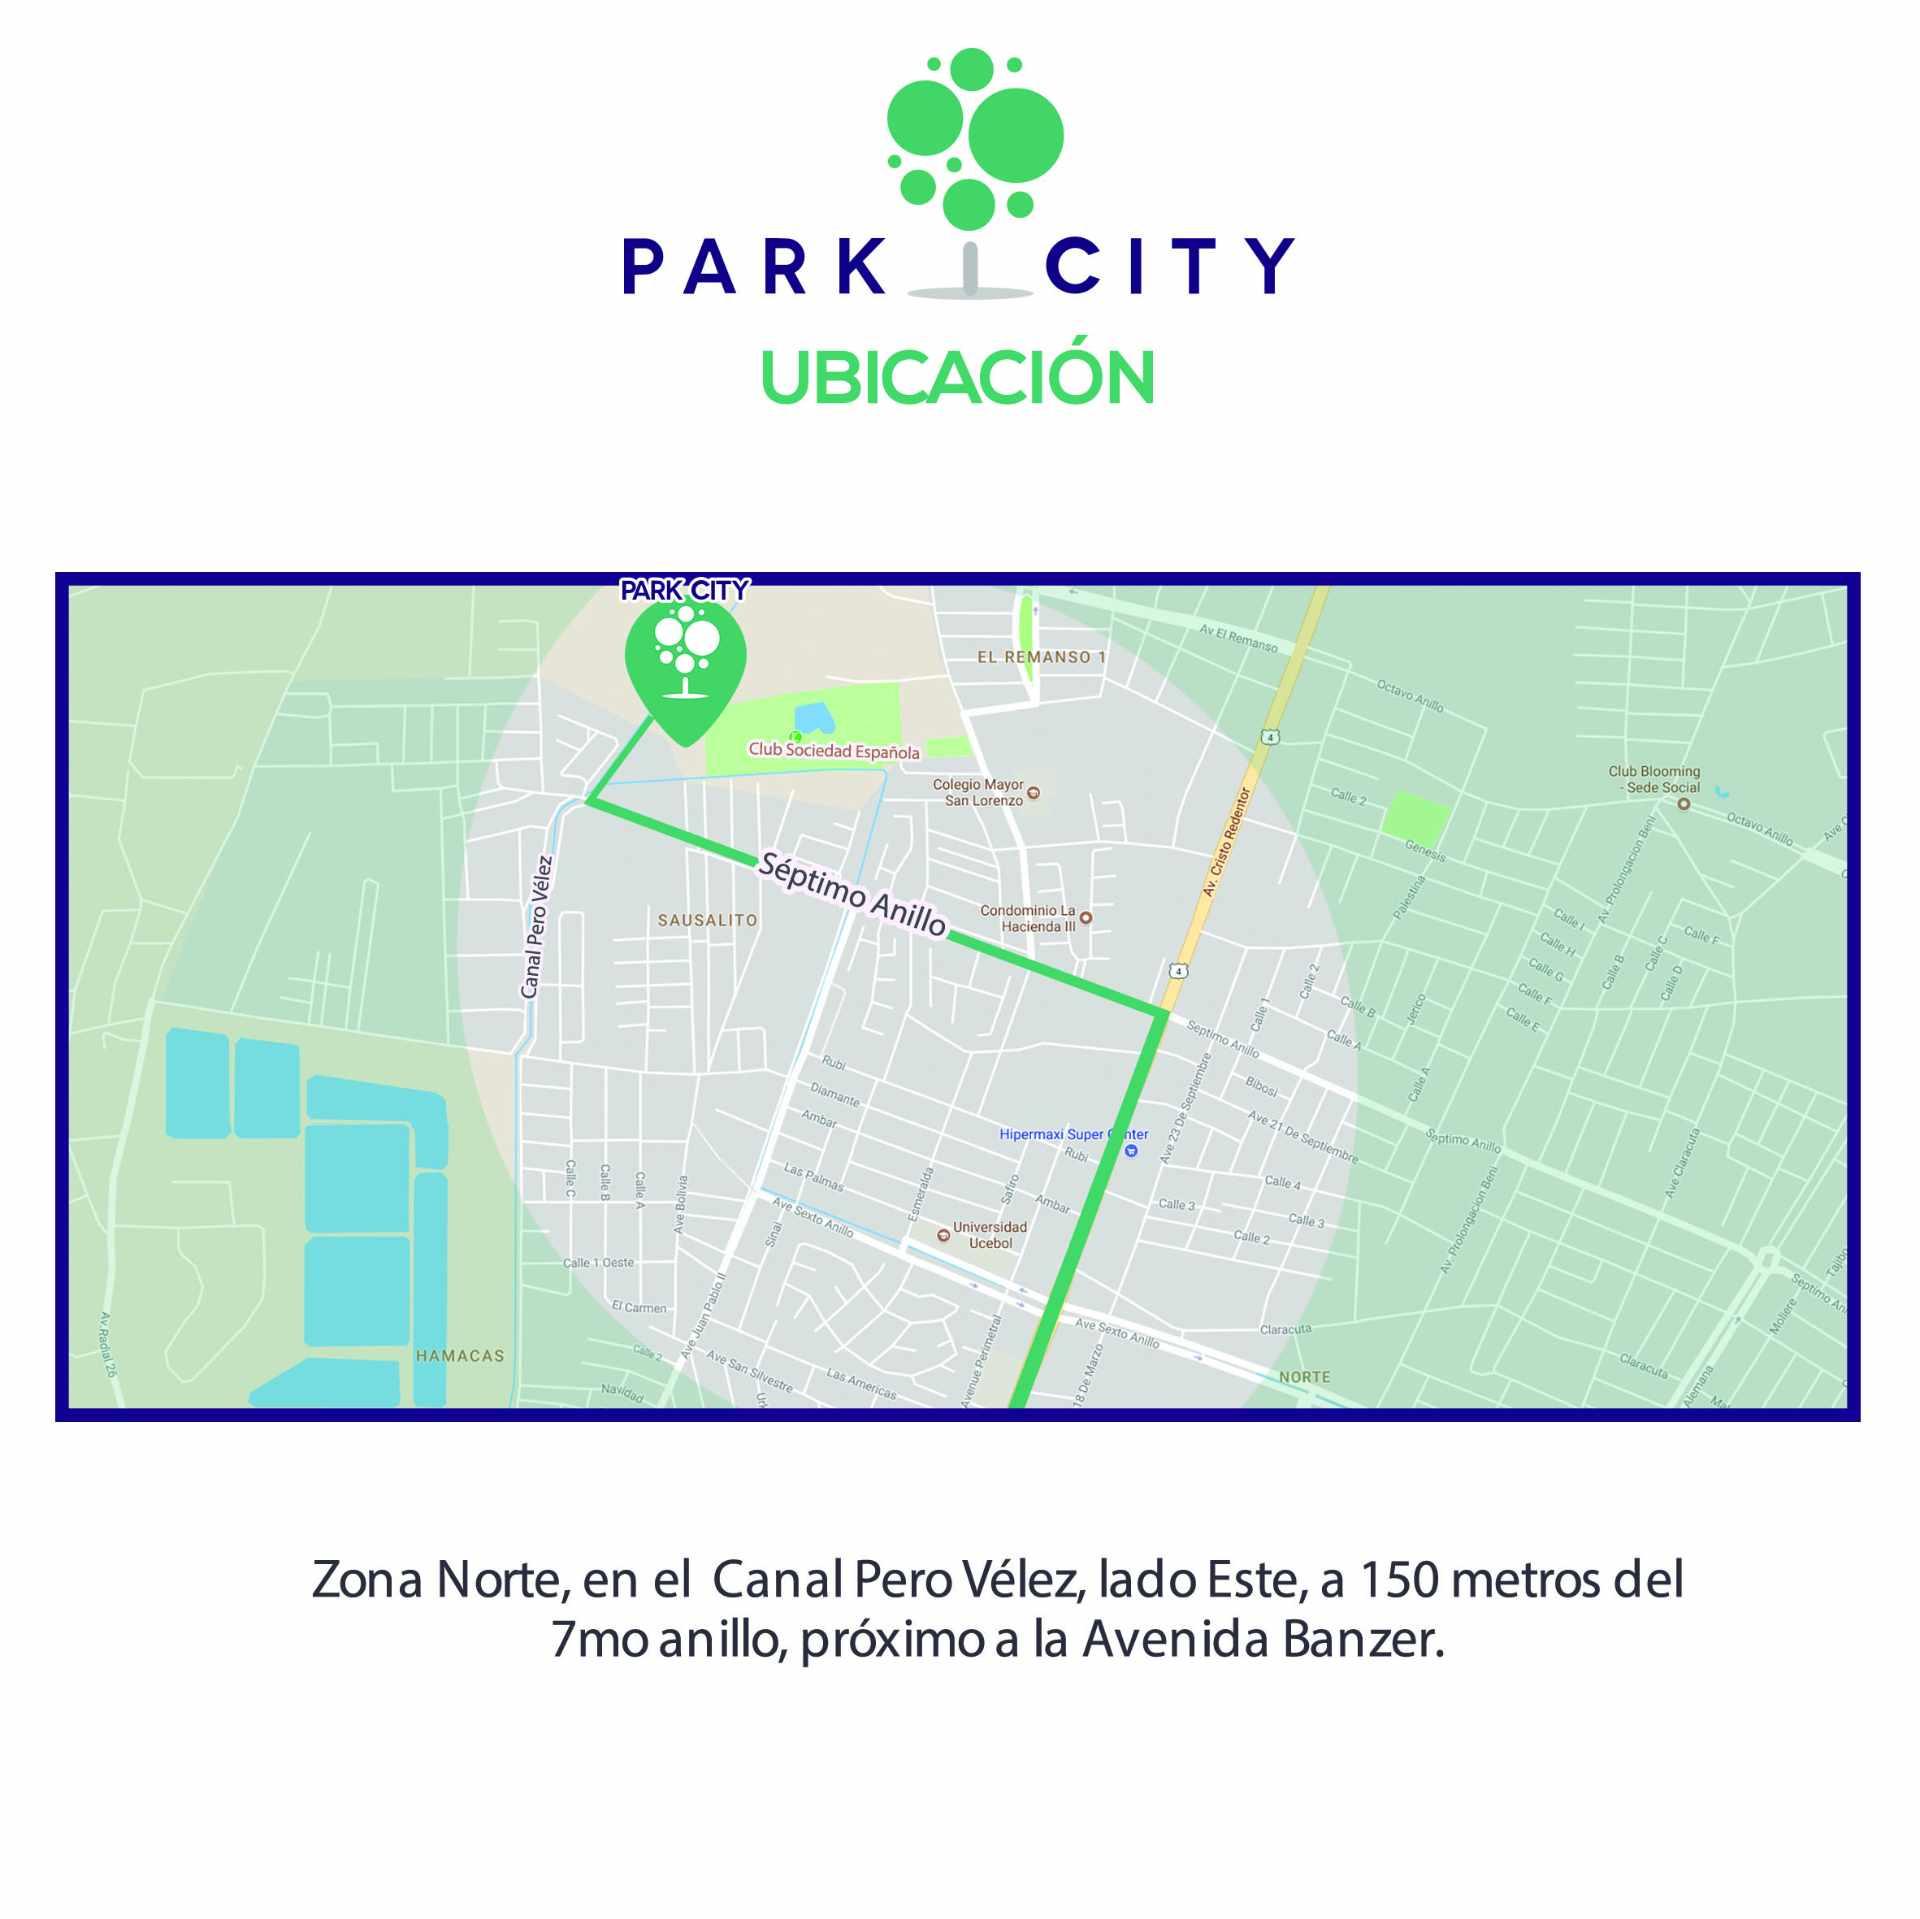 Condominio Park City